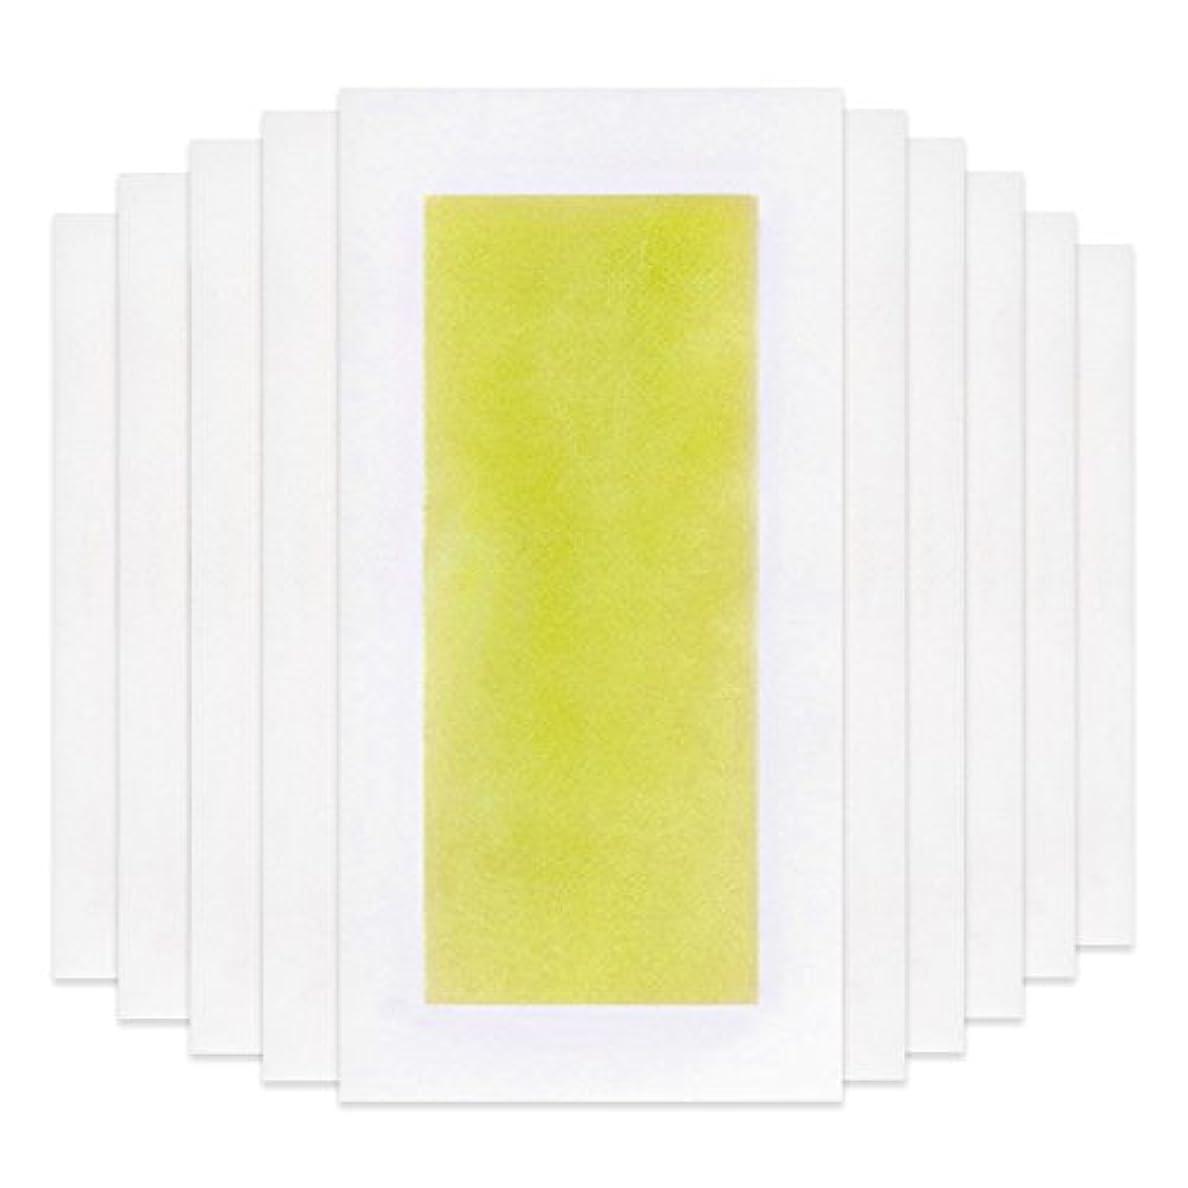 準備ができて境界予言するRabugoo 脚の身体の顔のための10個のプロフェッショナルな夏の脱毛ダブルサイドコールドワックスストリップ紙 Yellow